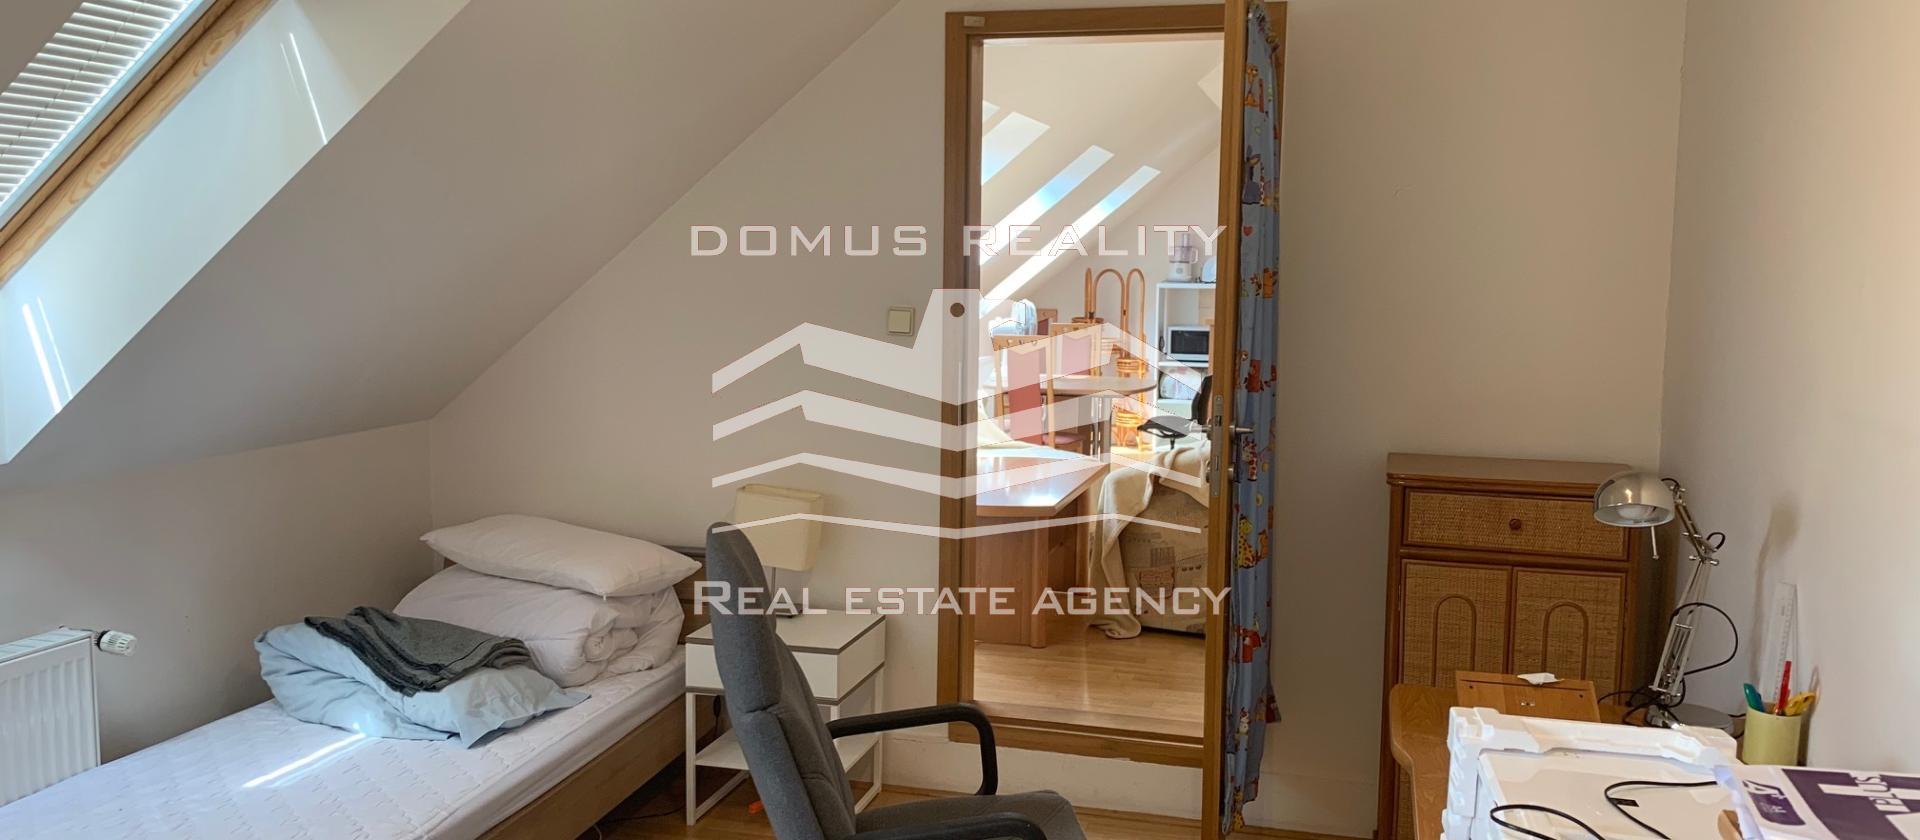 Velmi krásný, prostorný mezonetový byt dispozičně  je řešen jako 4+kk s neprůchozími pokoji